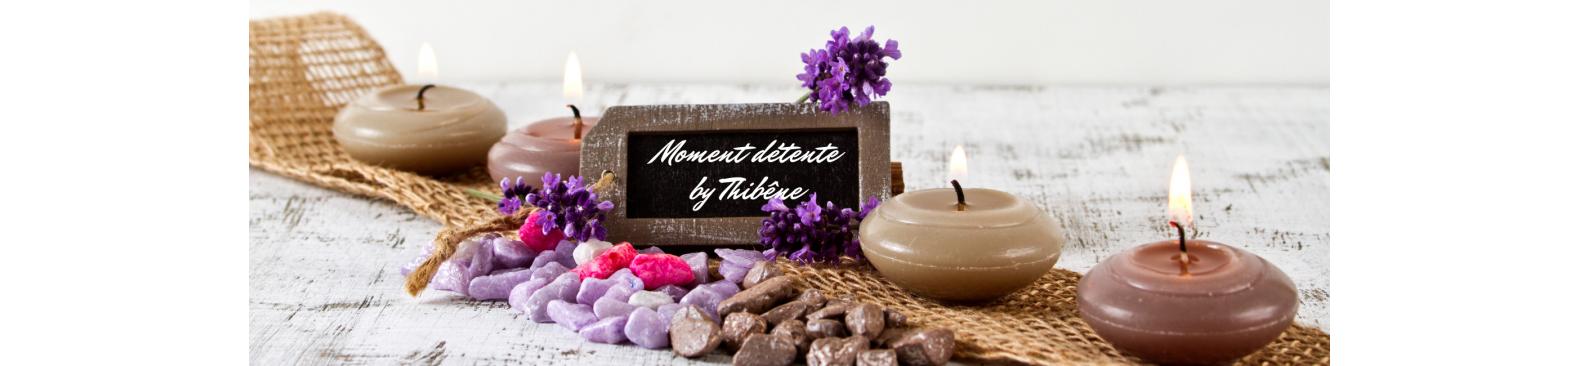 Ambiances olfactives - Thibêne